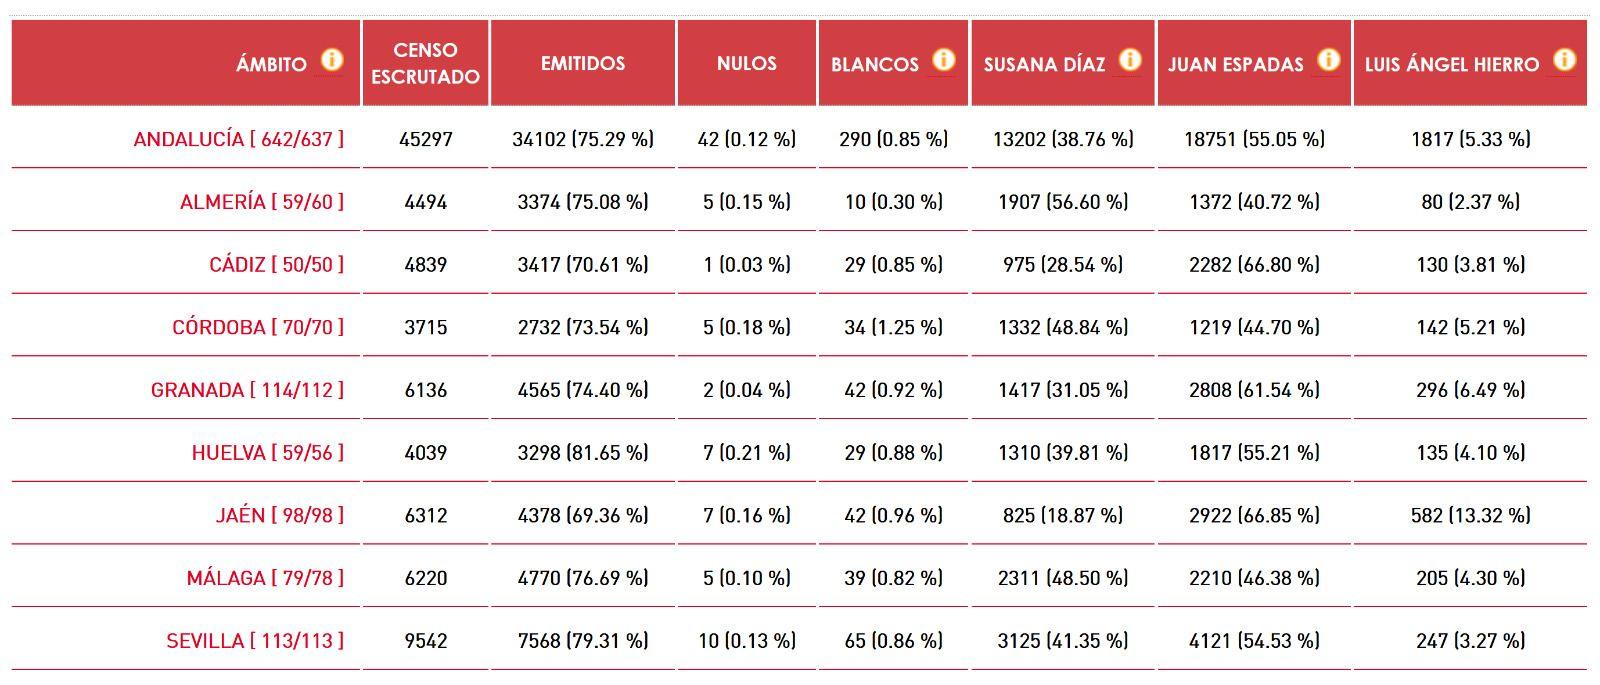 Resultados de las primarias del PSOE de Andalucía, al 99,8% escrutado